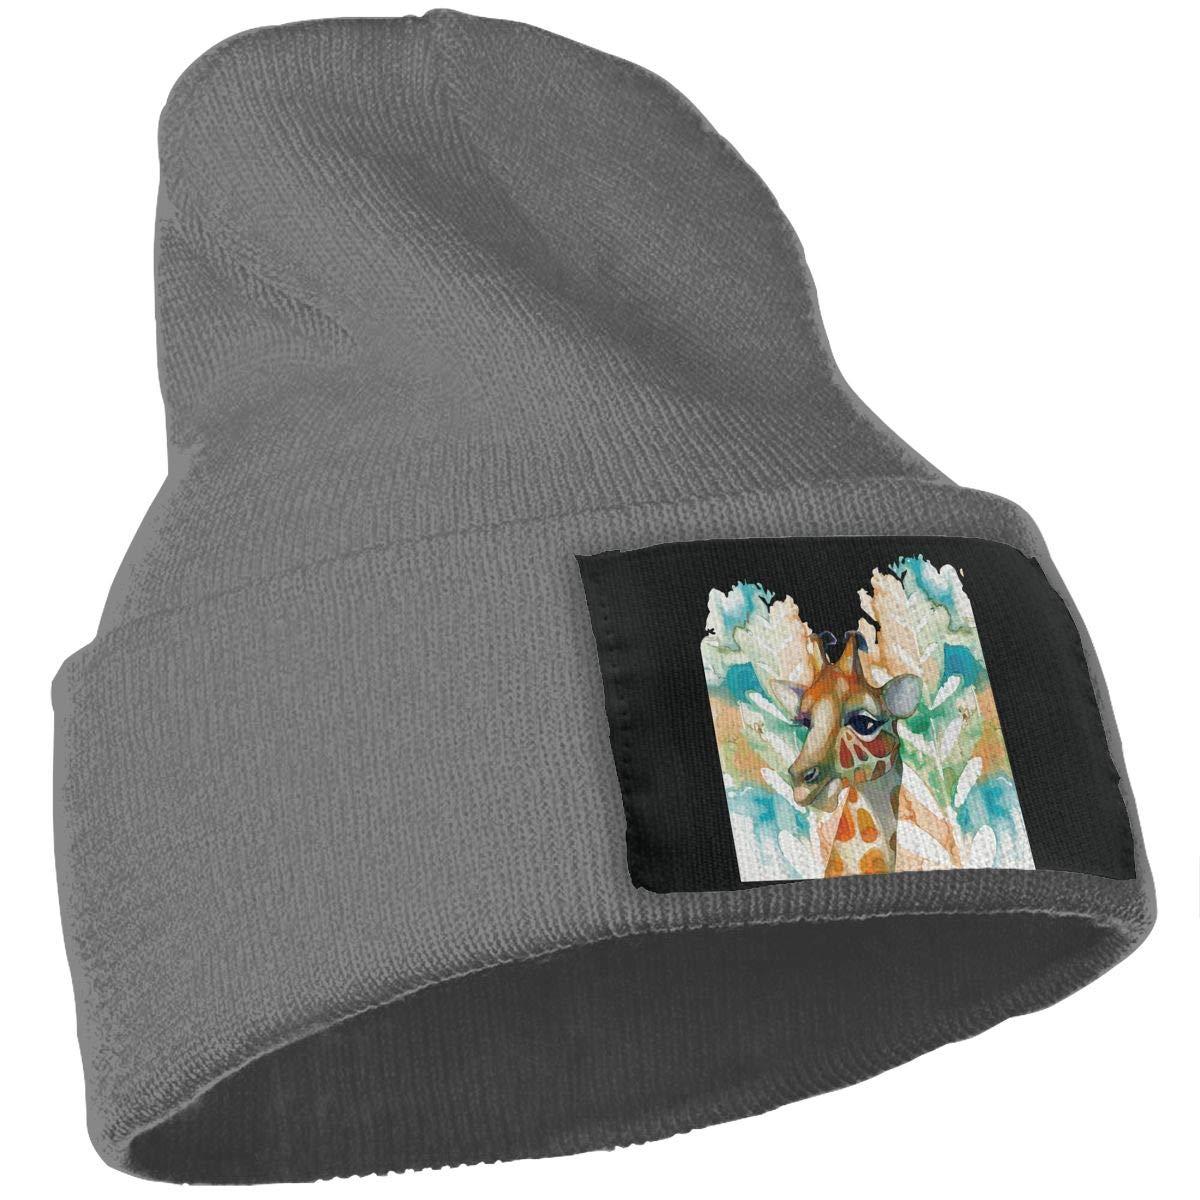 SLADDD1 Watercolor Giraffe Warm Winter Hat Knit Beanie Skull Cap Cuff Beanie Hat Winter Hats for Men /& Women